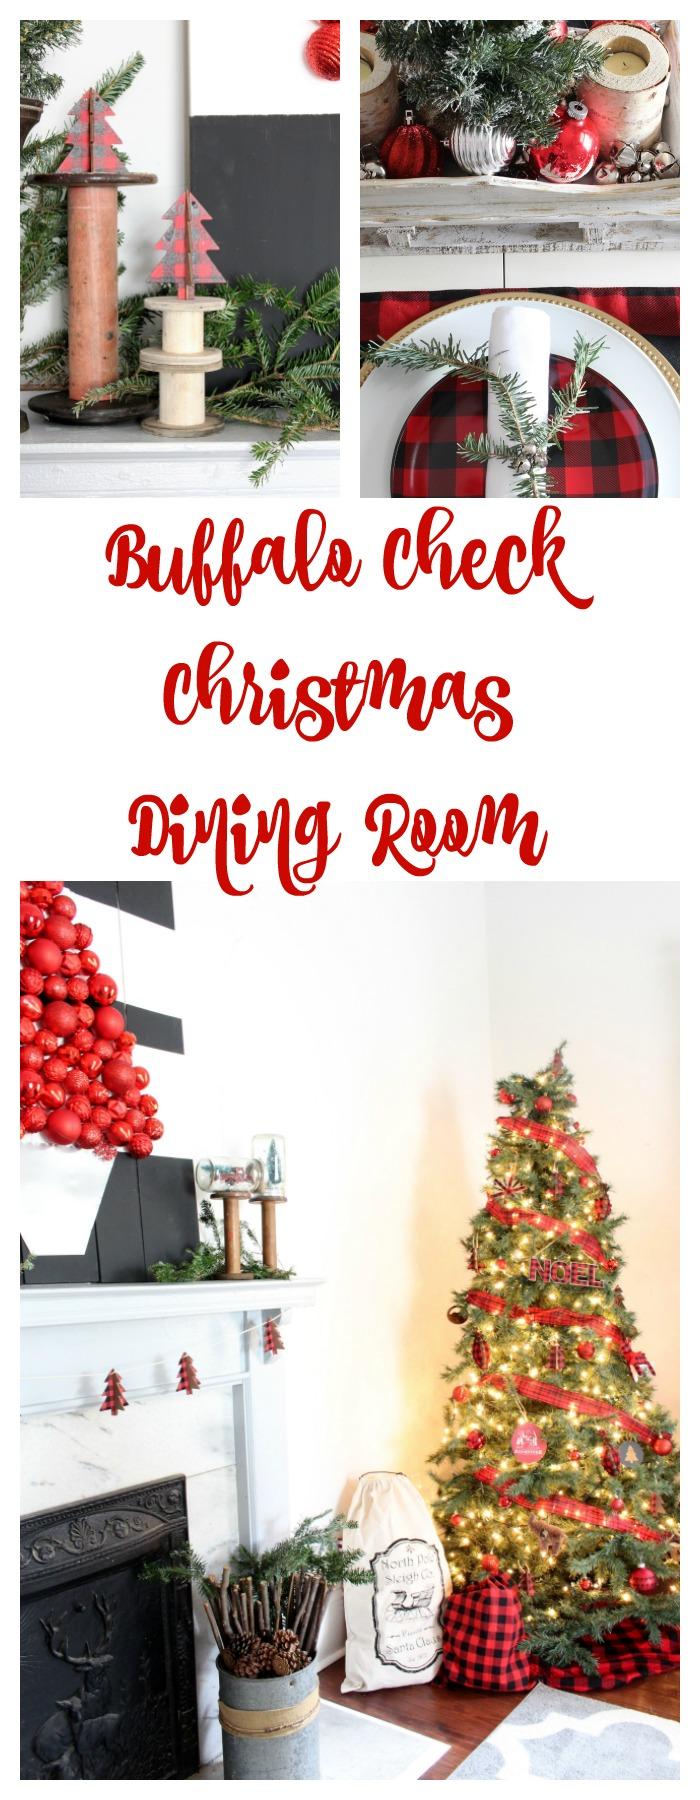 buffalo-check-christmas-dining-room